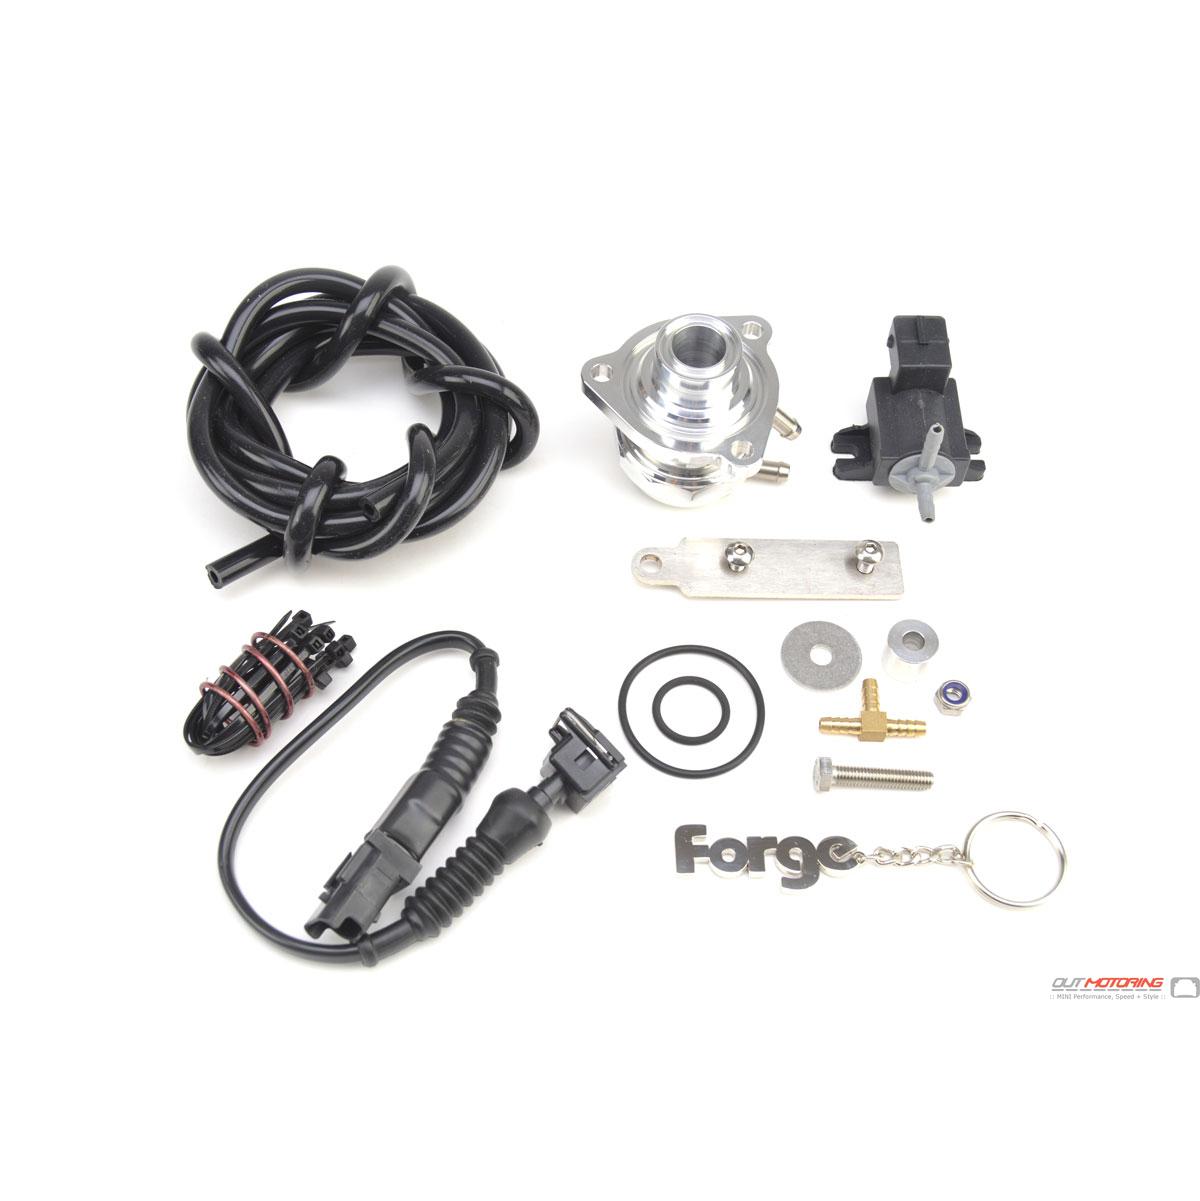 Mini Cooper S Forge Turbo Valve Kit N18